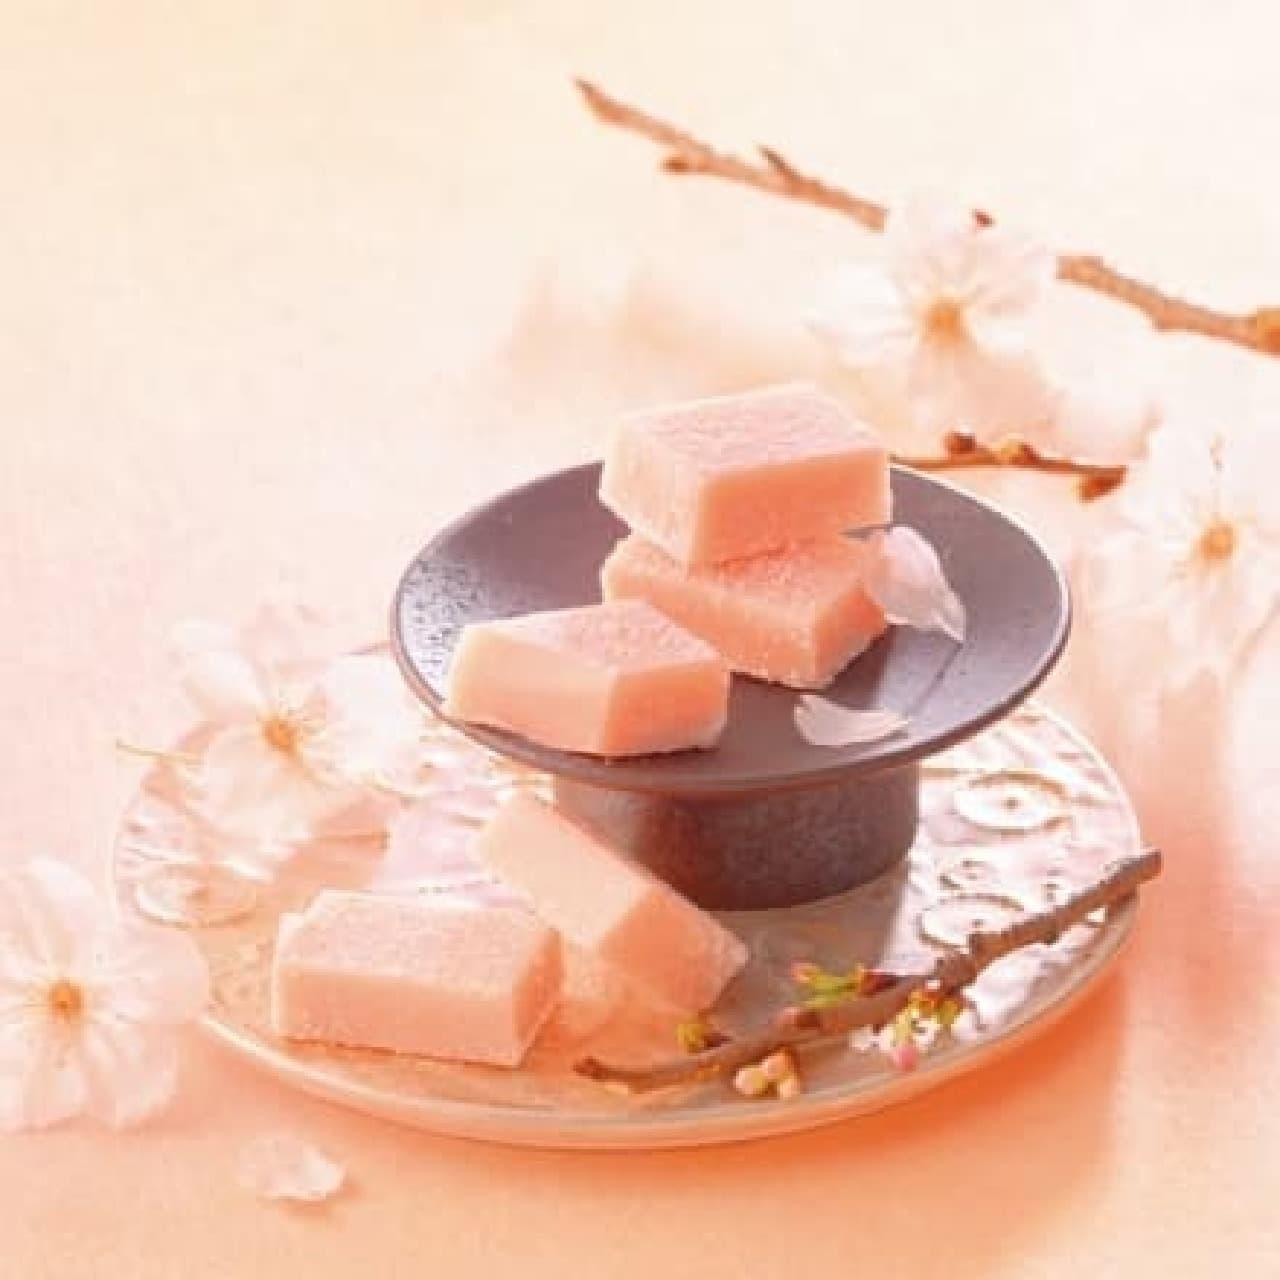 ロイズの生チョコレート[桜フロマージュ]